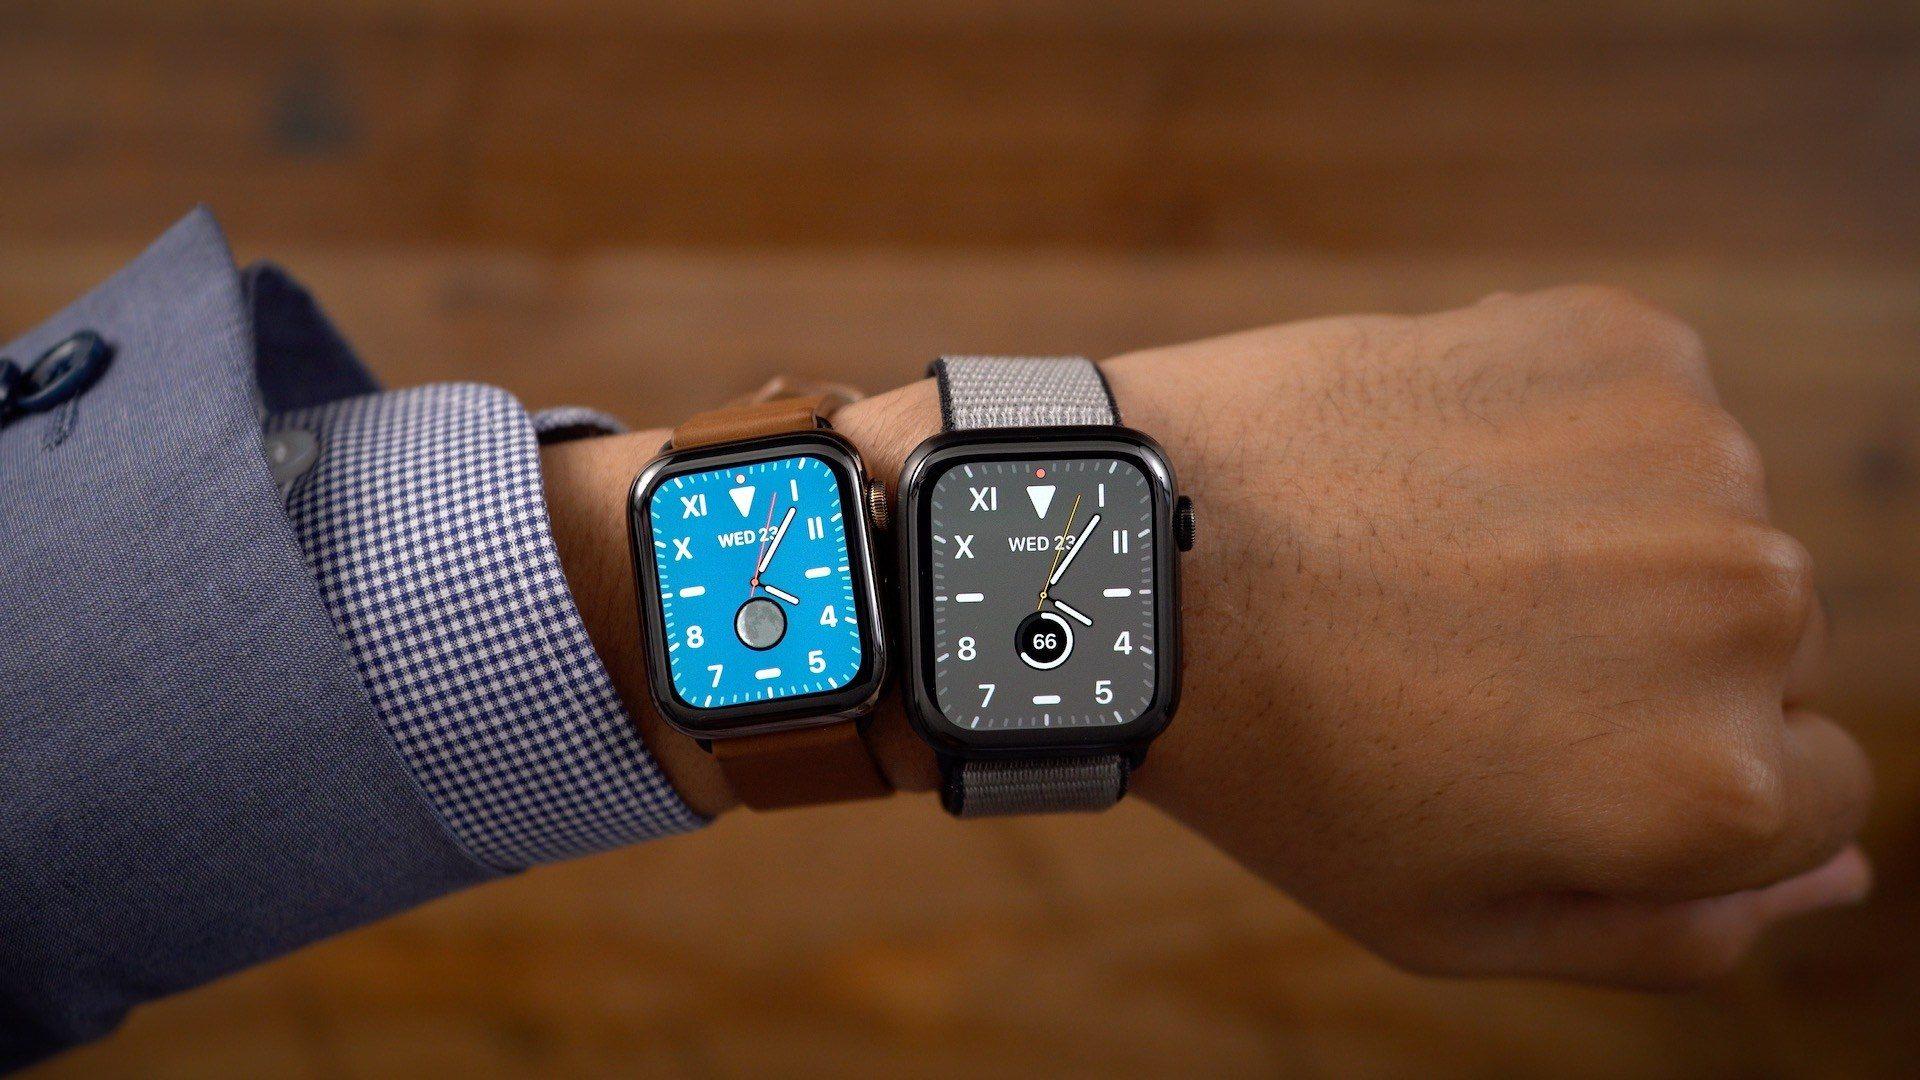 Apple Watchの時刻をマニュアル調整する方法 Around Mobile World